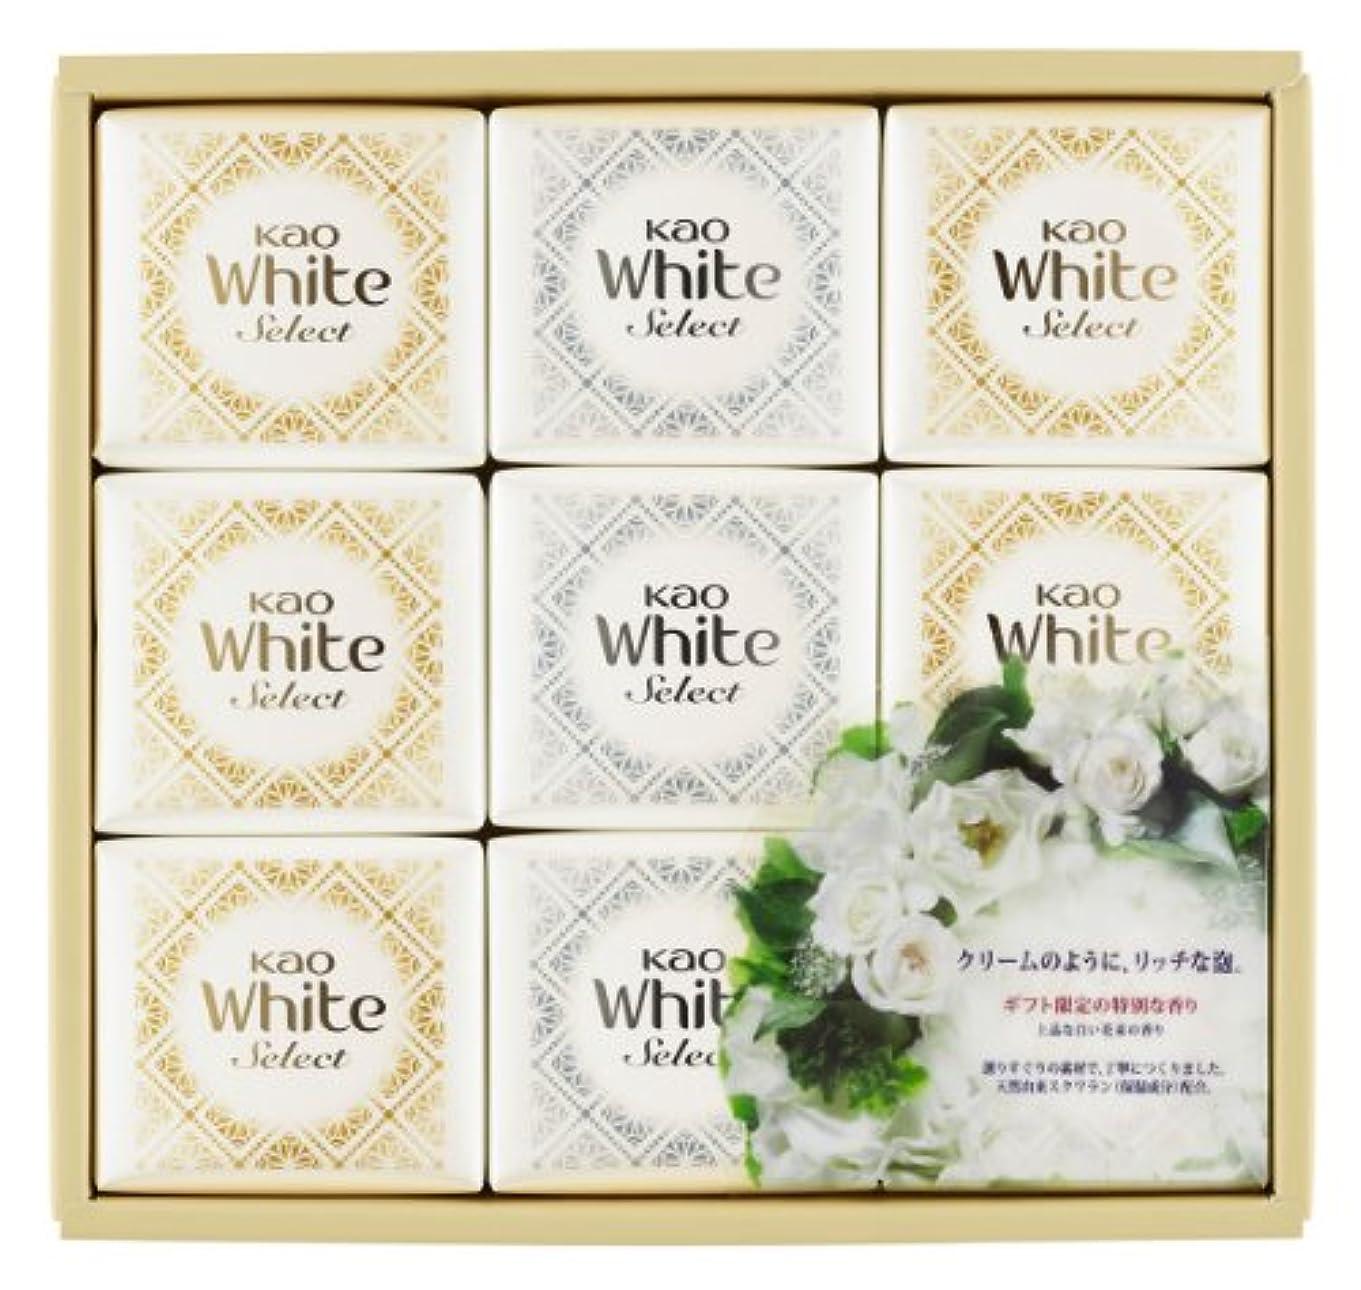 センチメンタル改修する安価な花王ホワイト セレクト 上品な白い花束の香り 85g 9コ K?WS-15